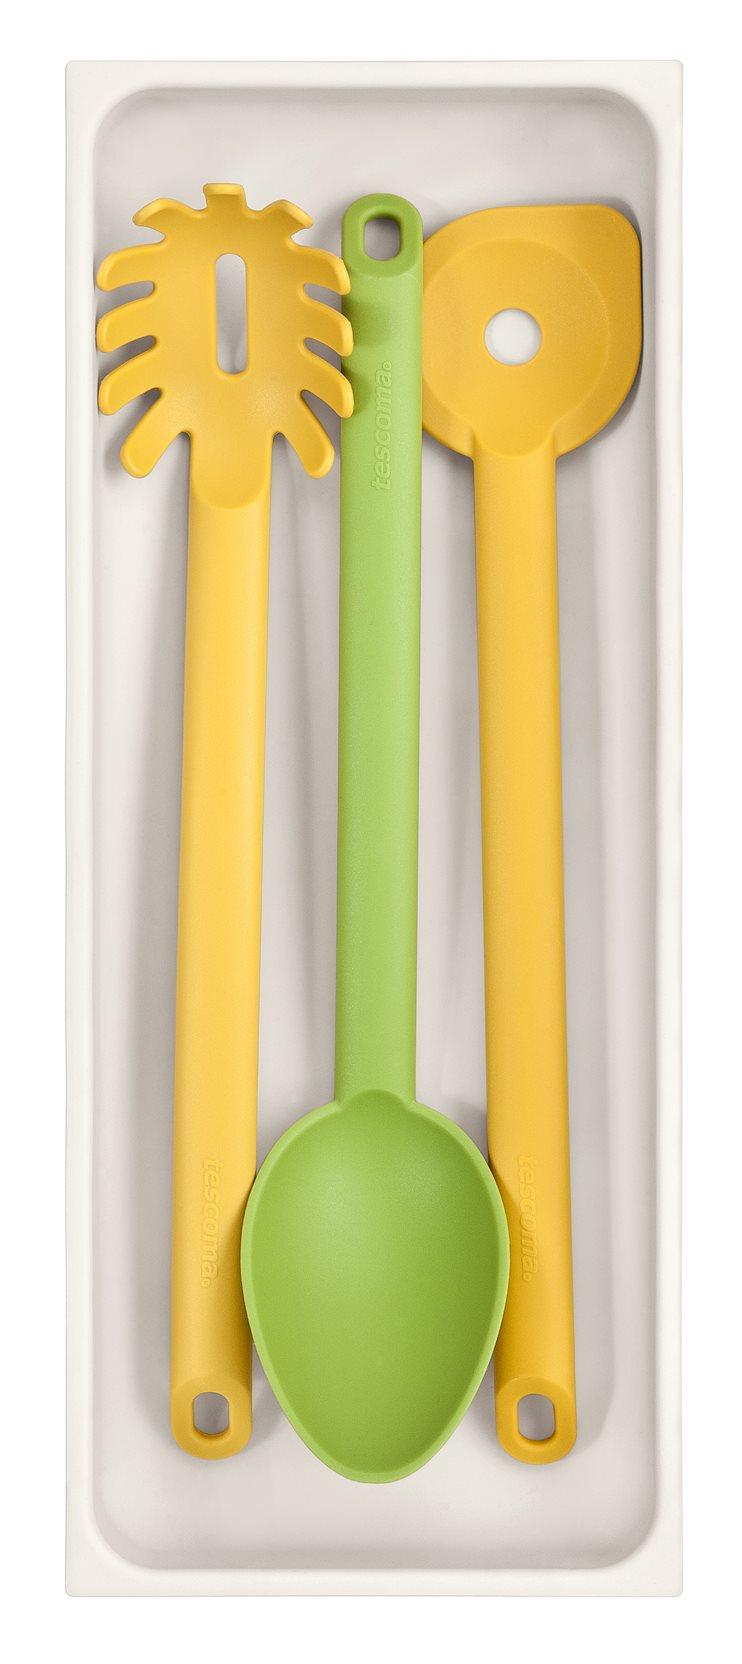 Tescoma Θήκη Συρταριού για Κουτάλες Flexispace 37Χ14,8cm